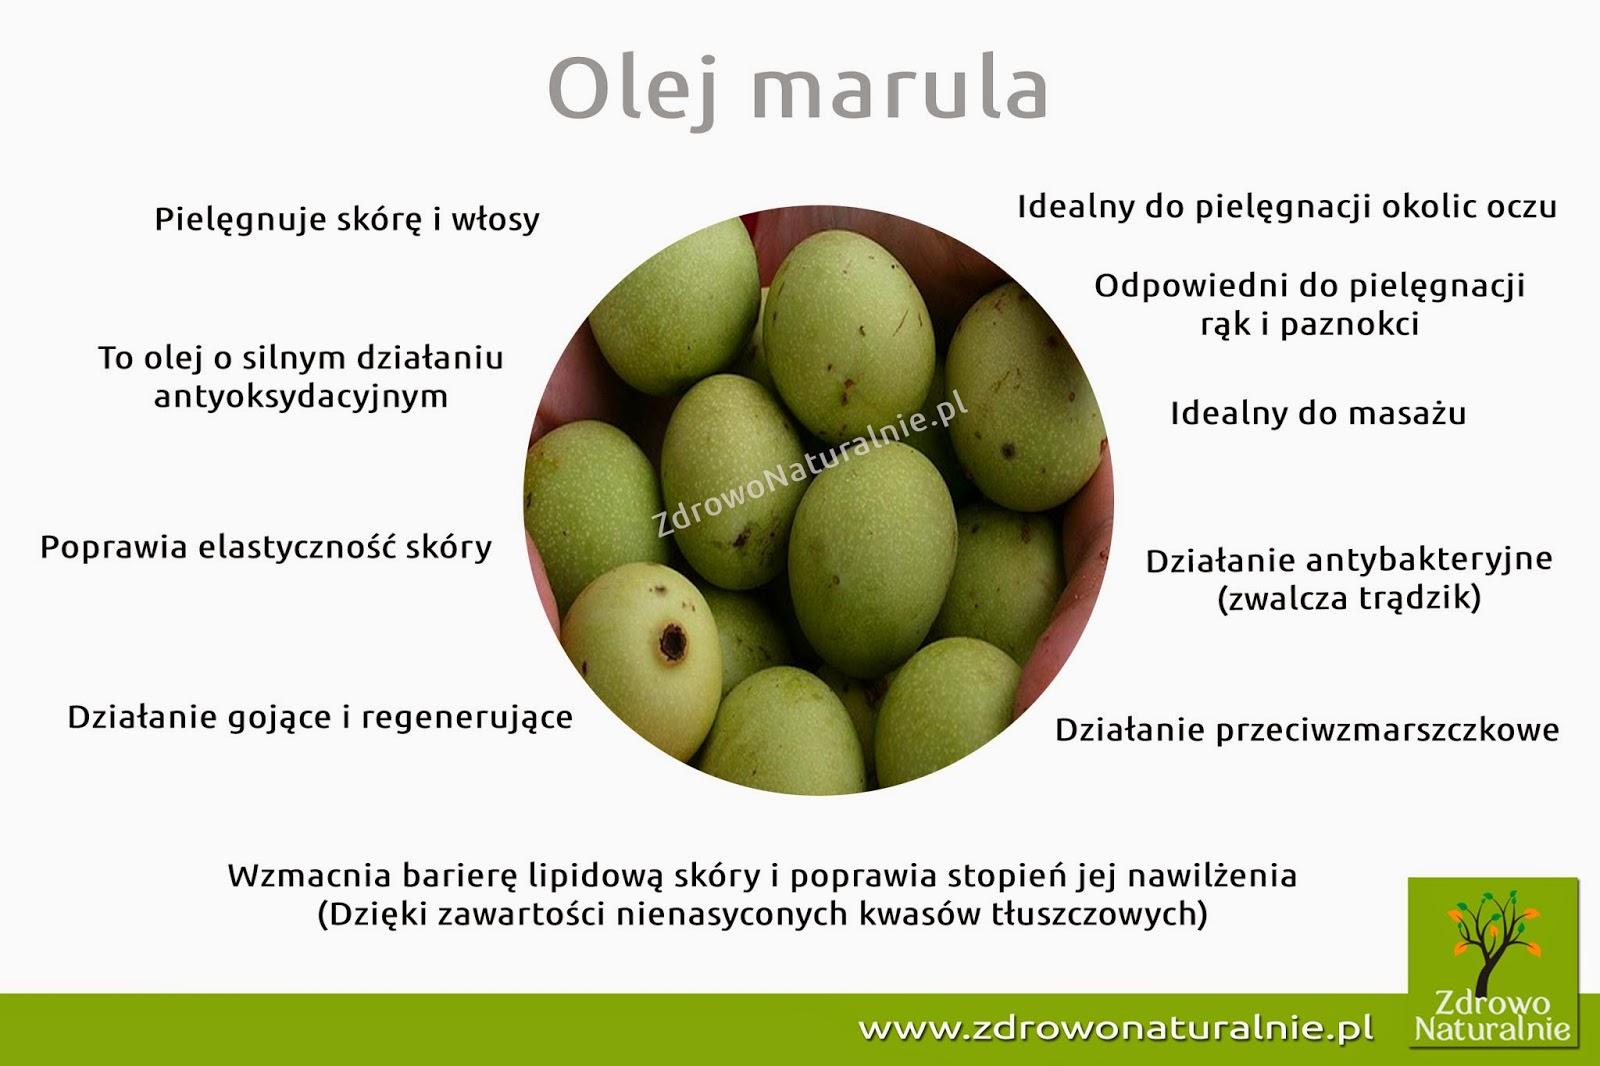 Olej marula